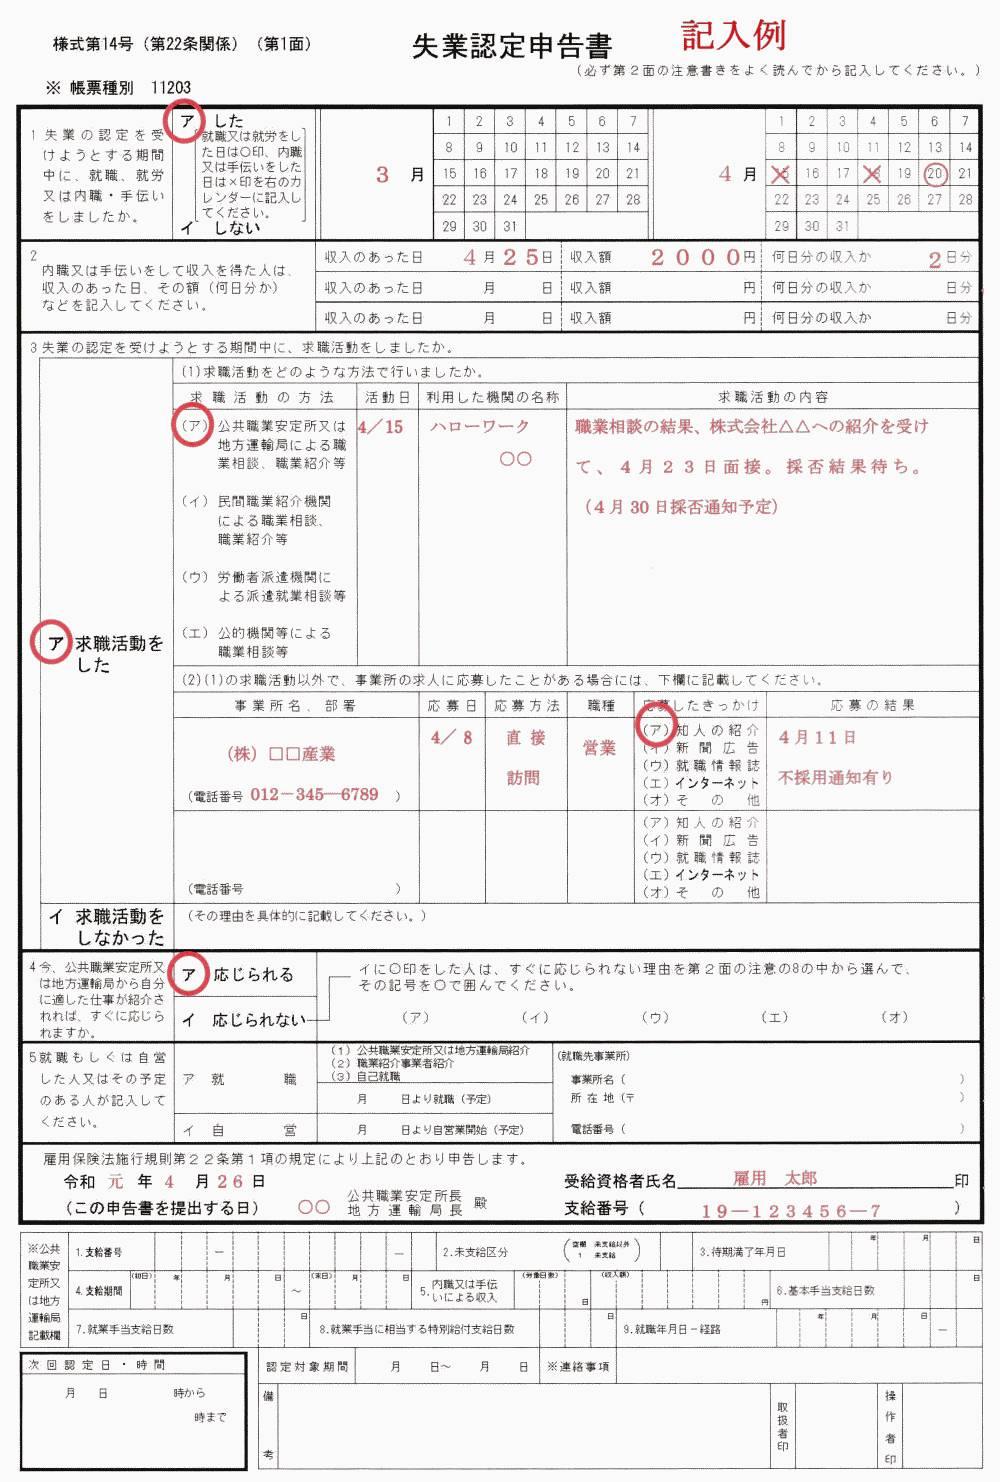 失業認定申告書の記入例